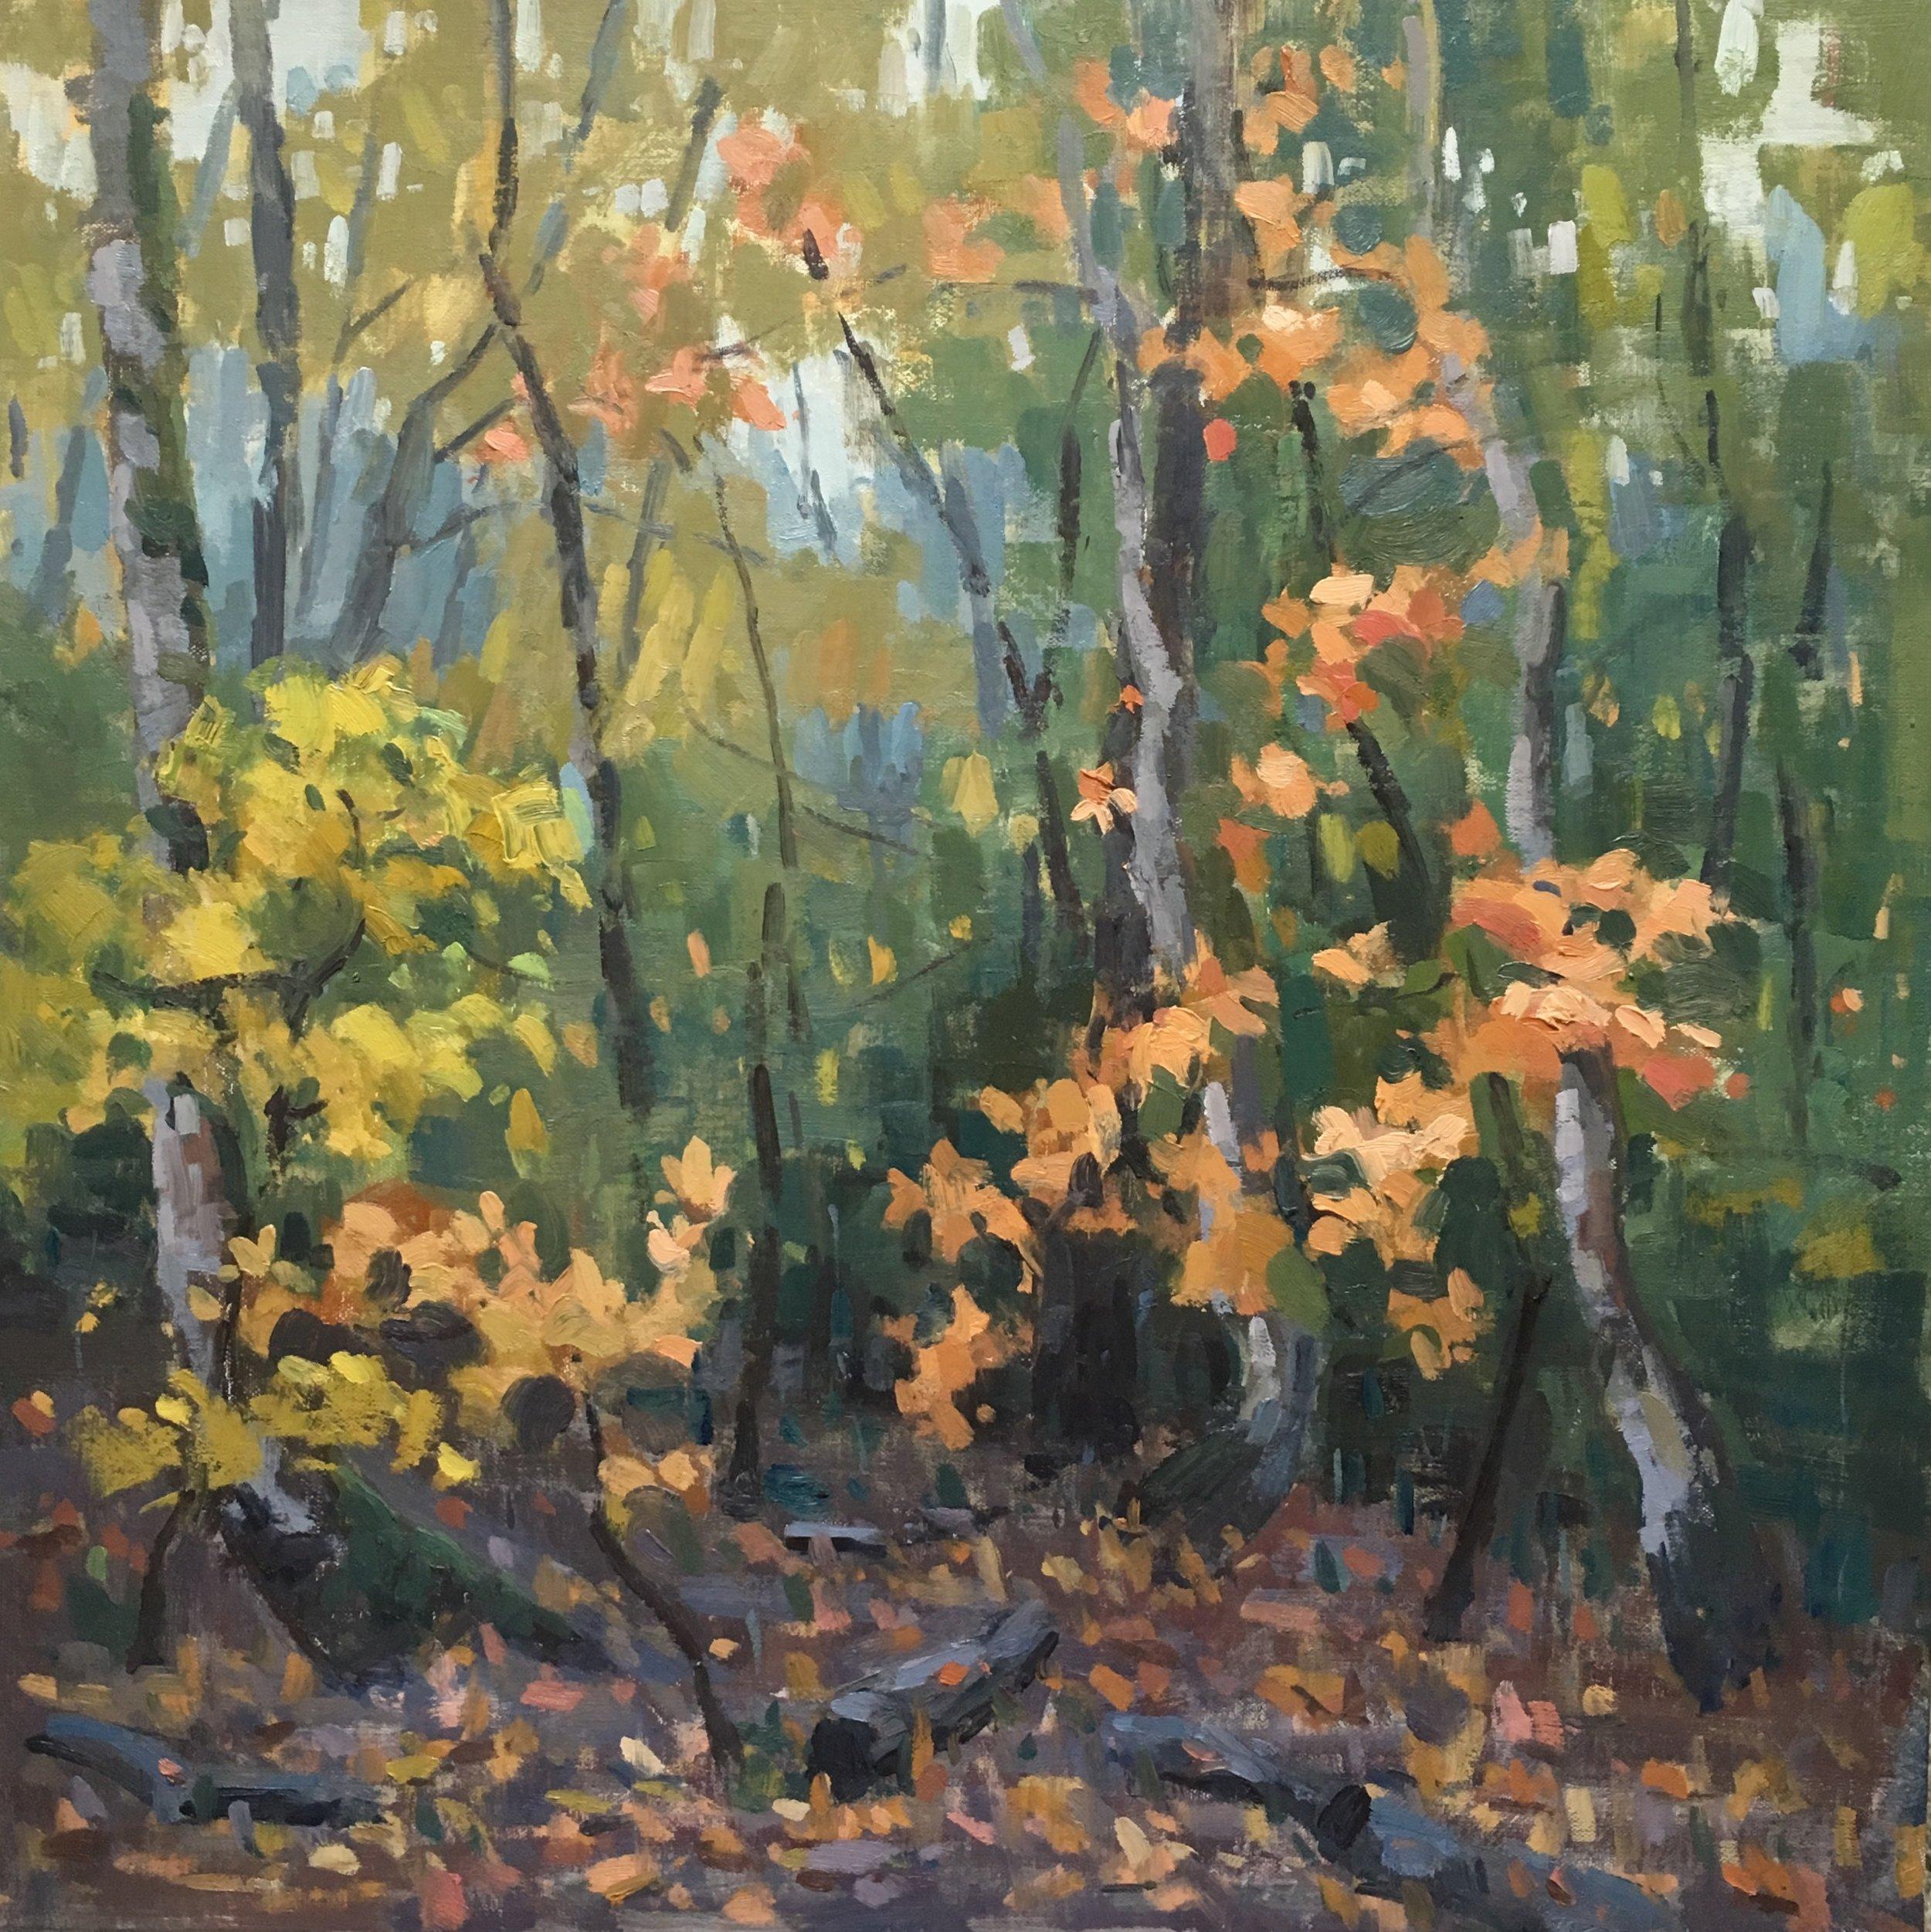 Bhavan Krishnan, Autumn Enigma